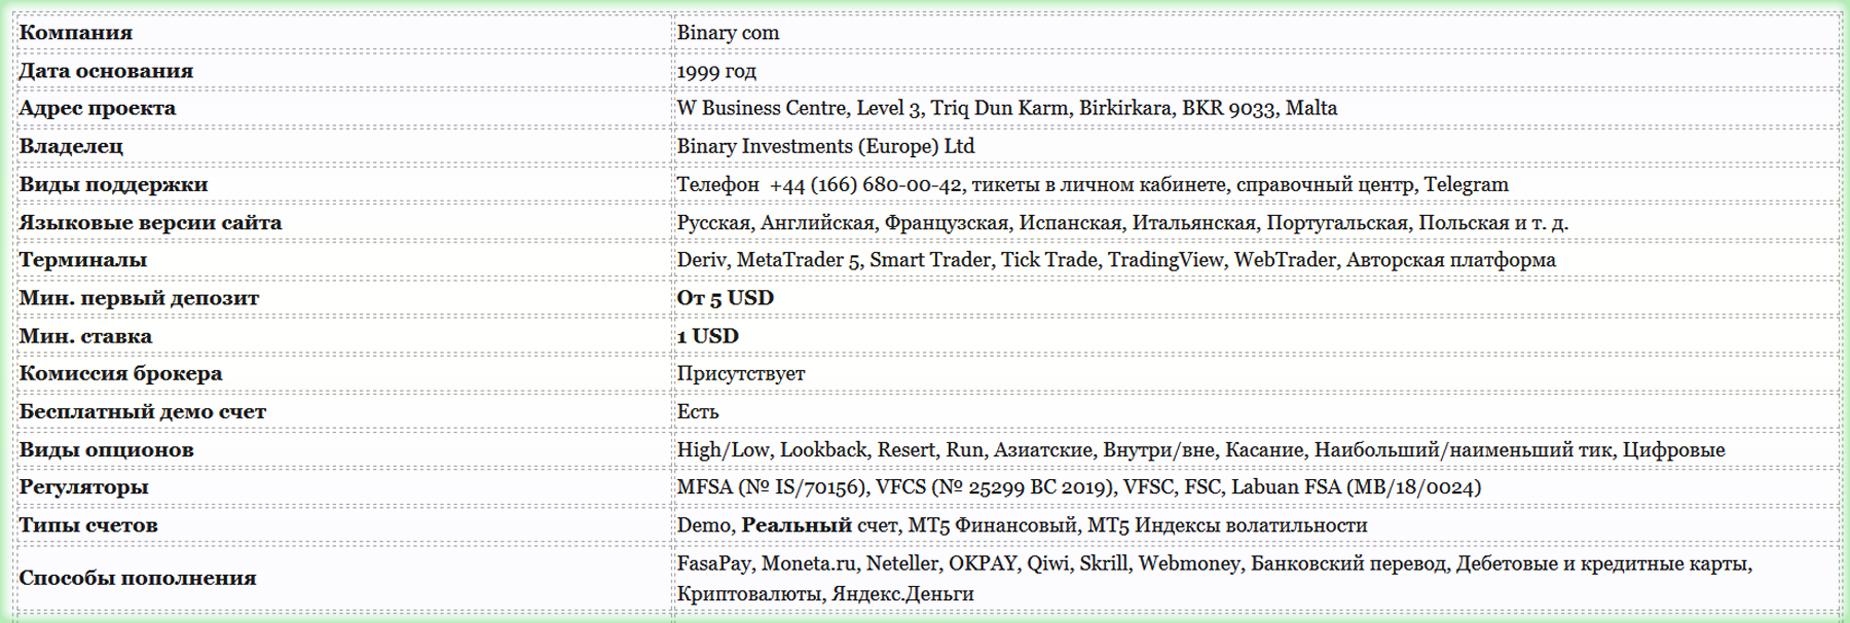 брокер бинарных опционов Binary